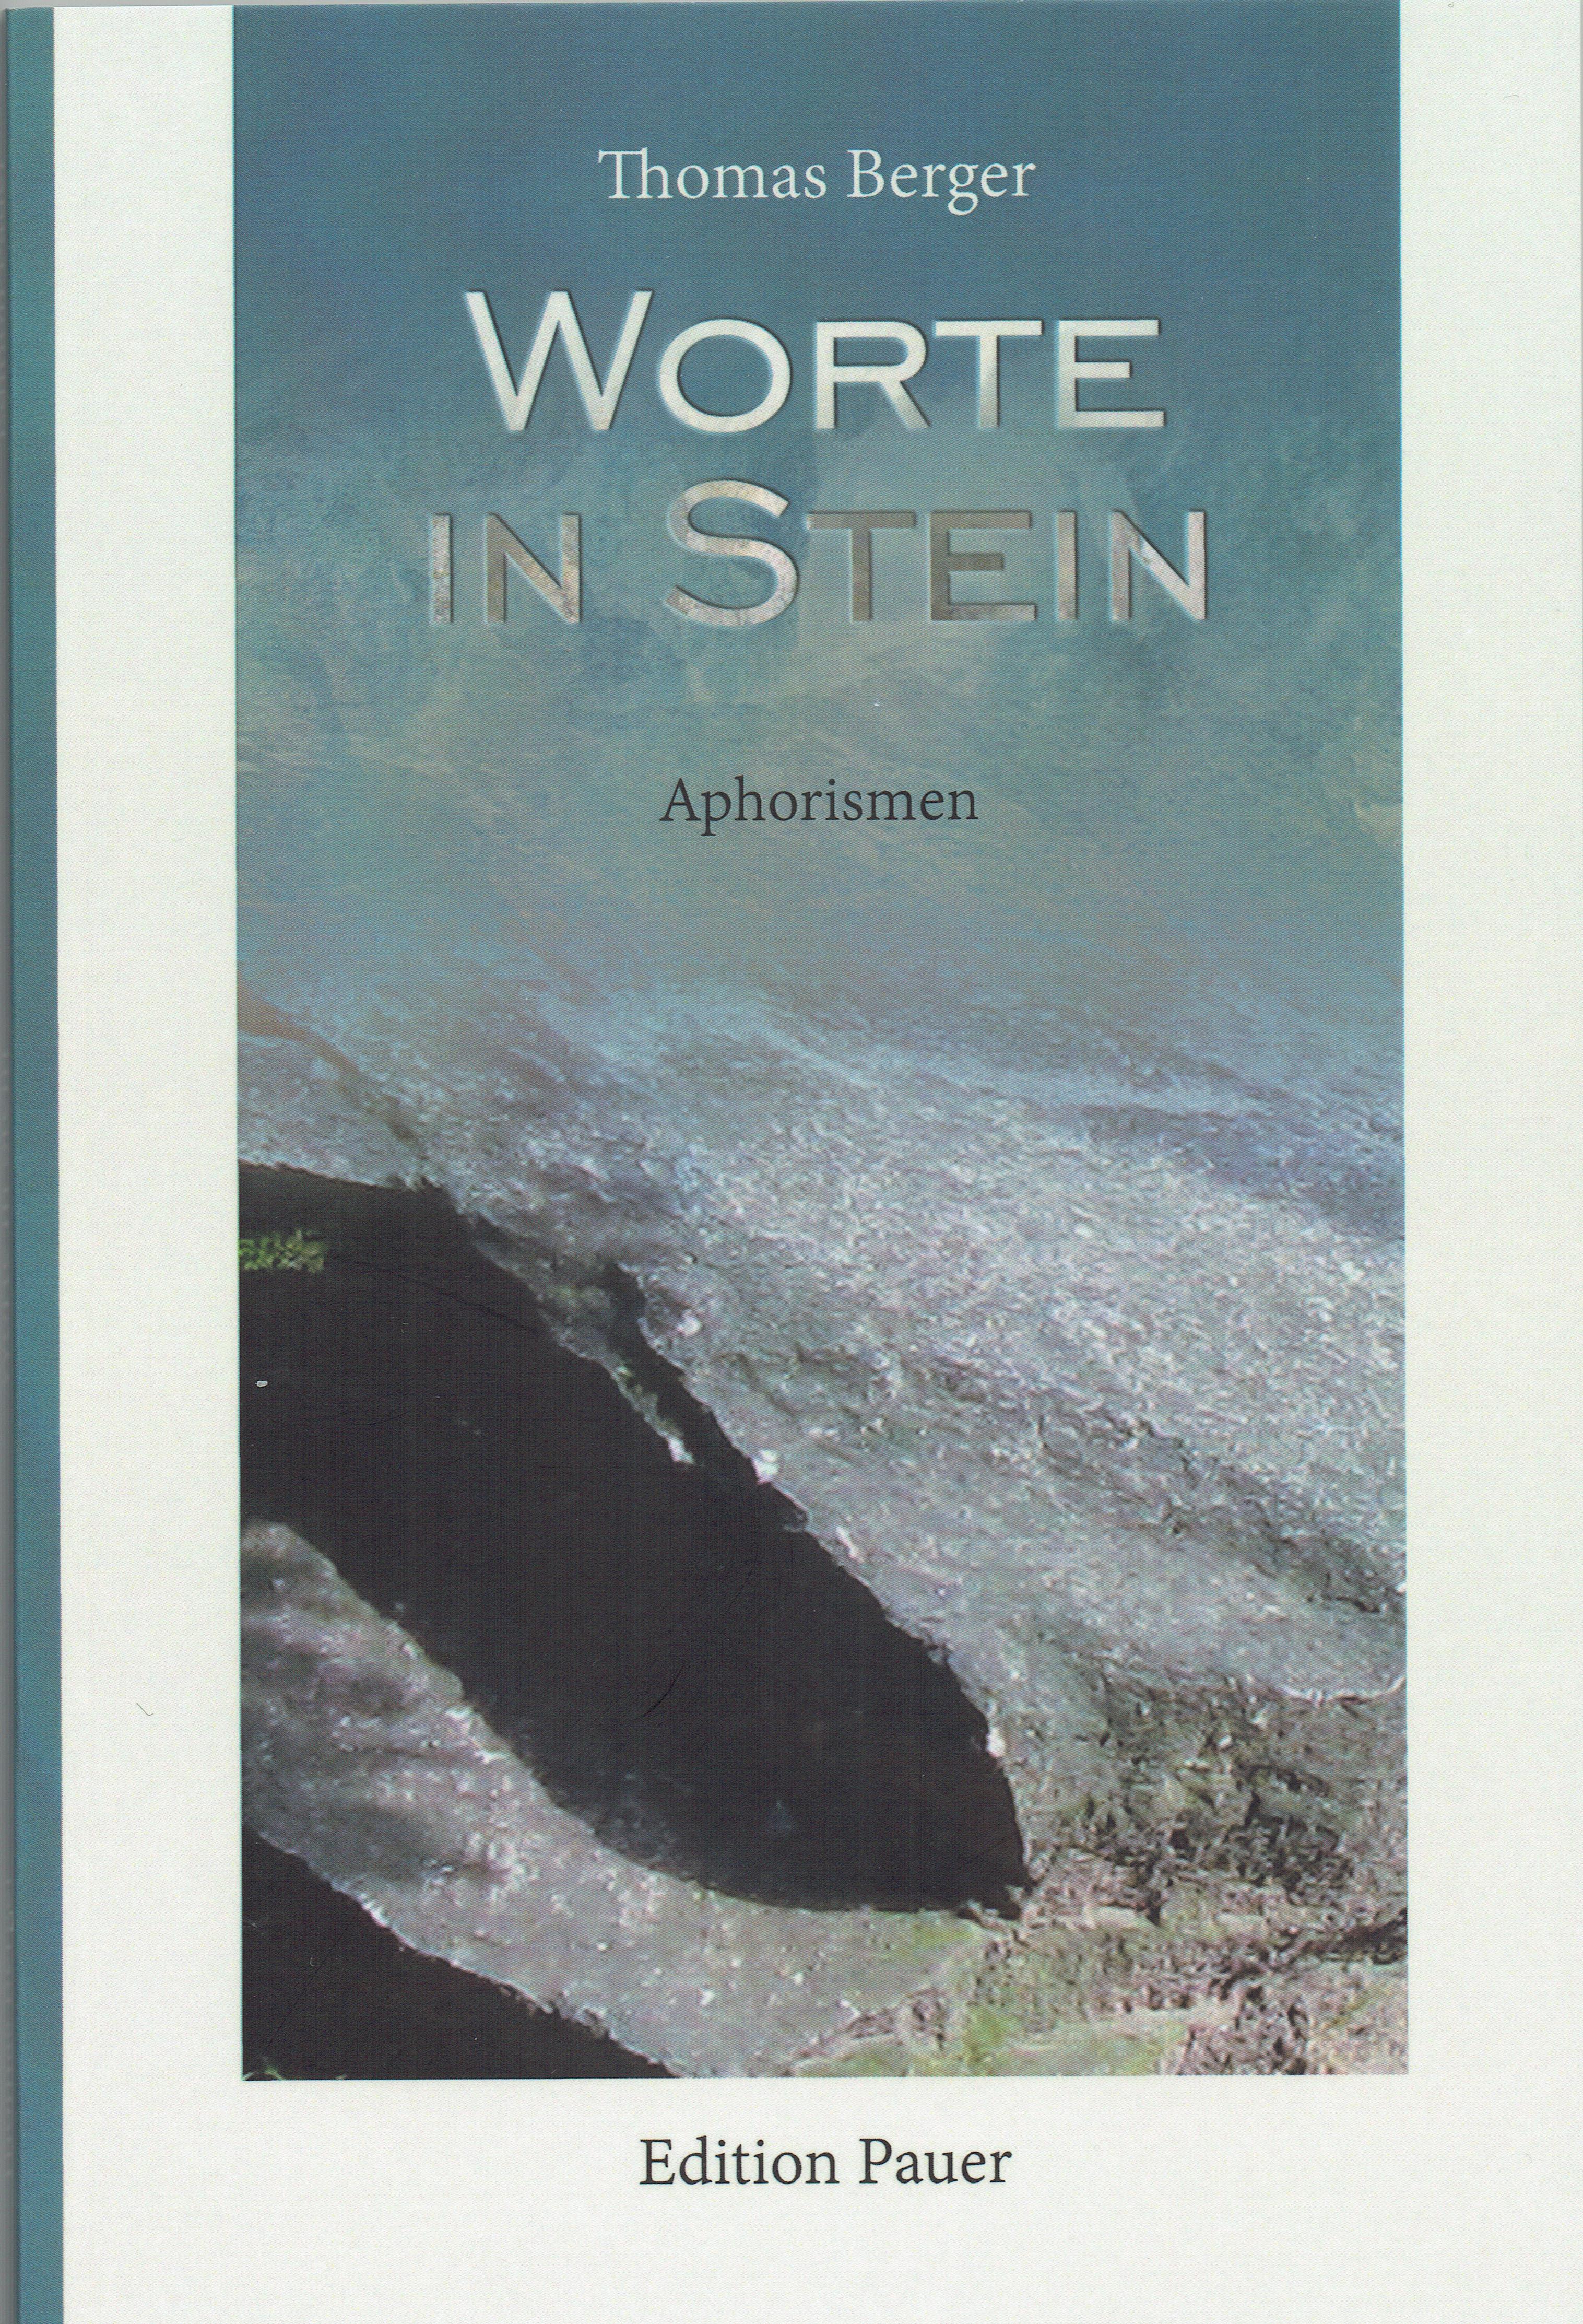 Worte in Stein. Aphorismen, 80 Seiten, 9,80 EUR